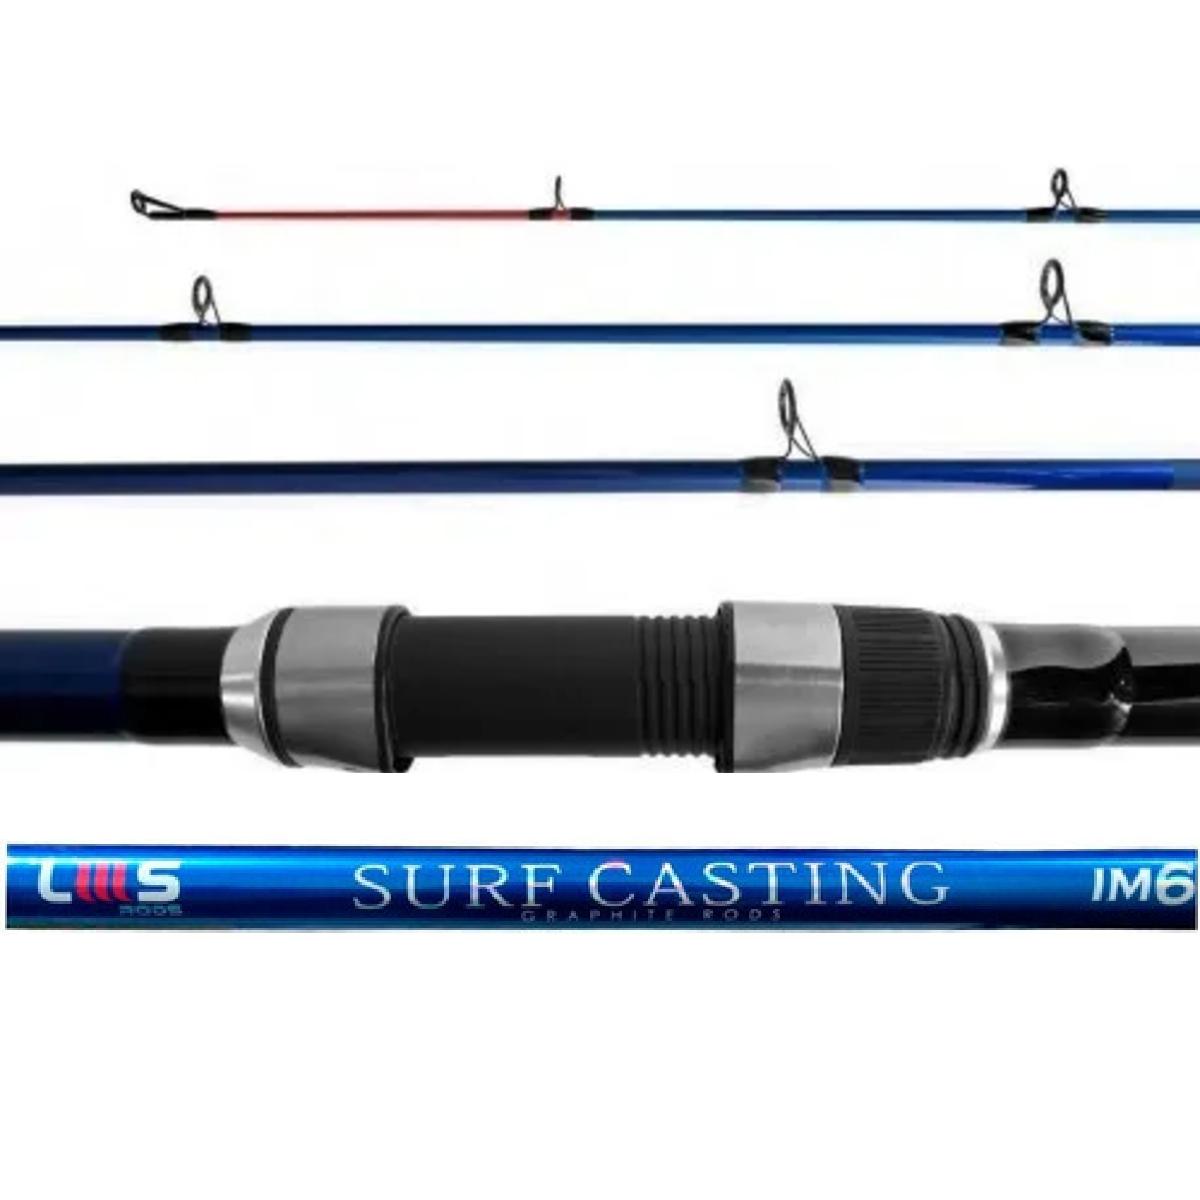 Vara Lumis Surf Casting 4203 (4,20m) 20-50lb 3 Partes Molinete  - Pesca Adventure